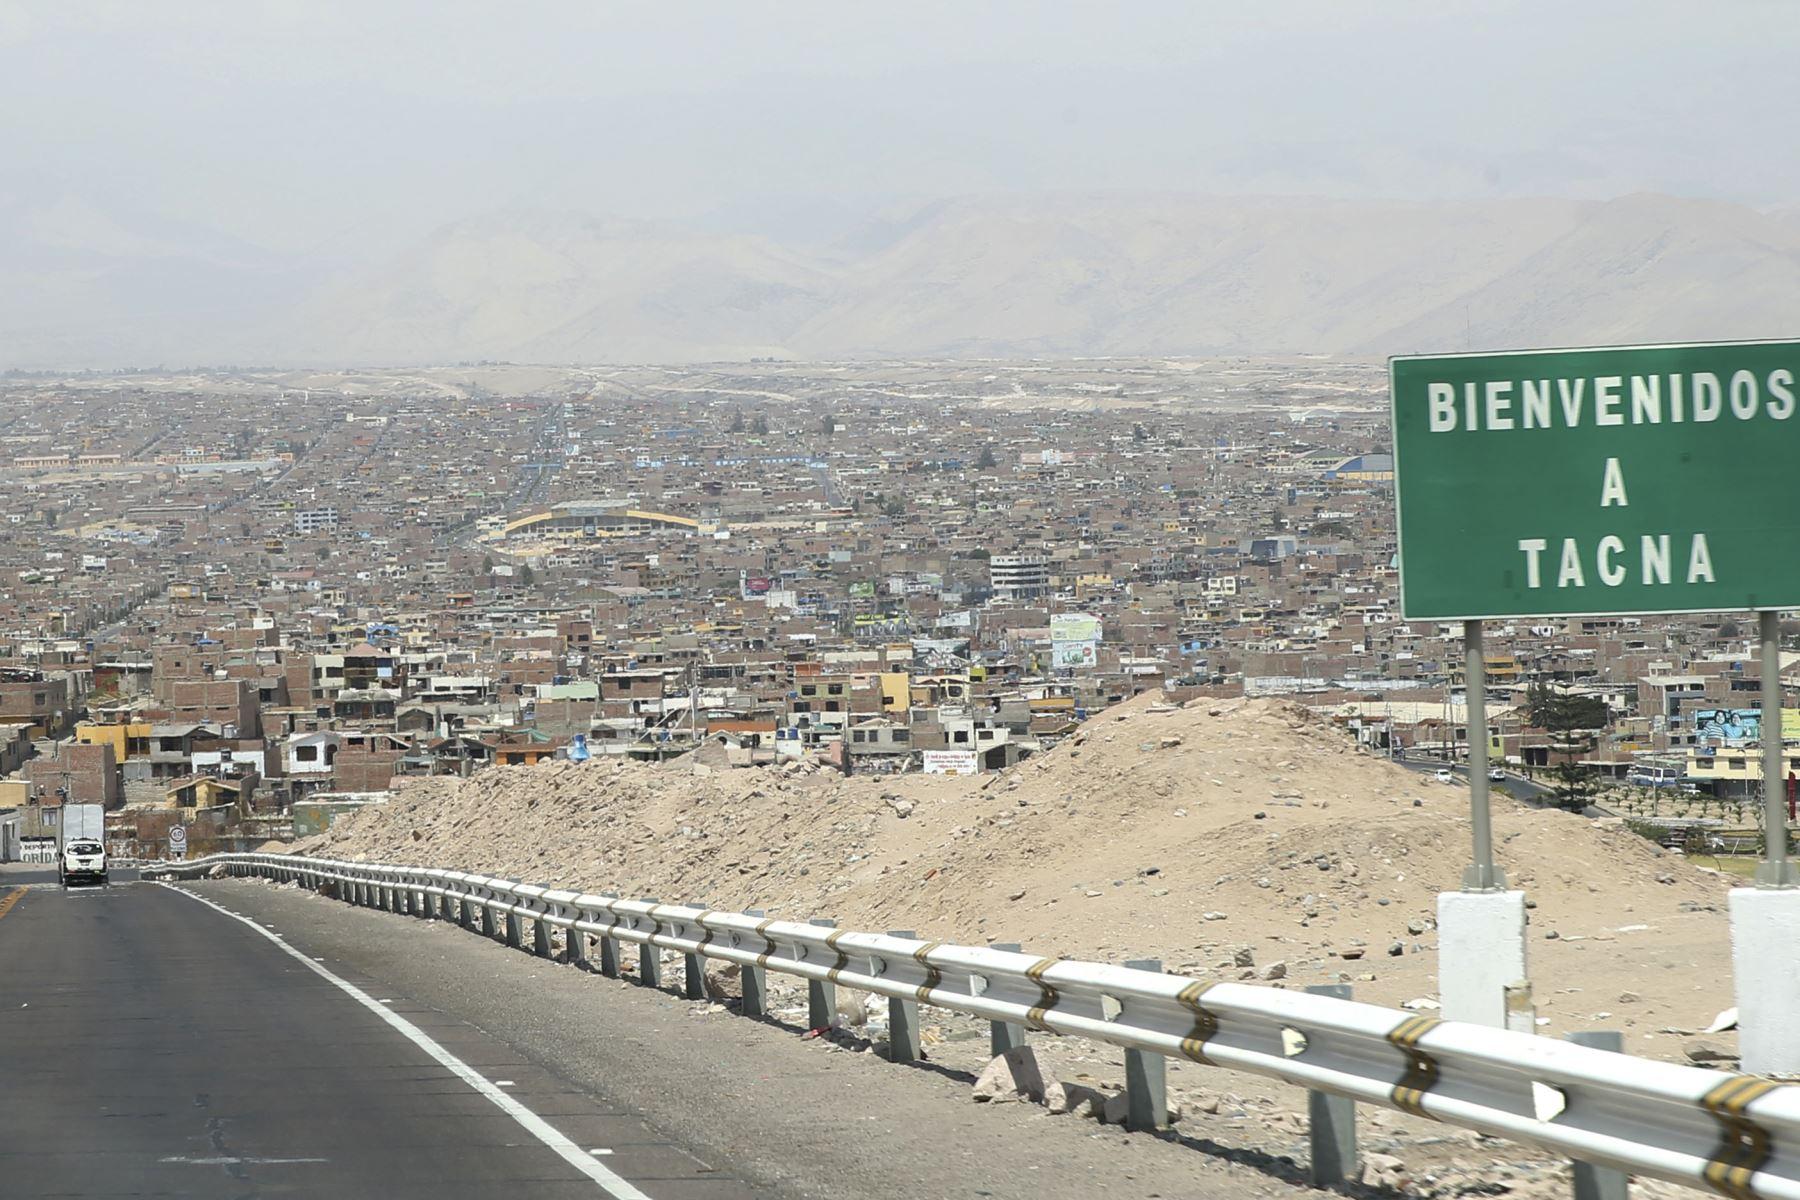 Tacna urge de la ejecución del proyecto integral de residuos sólidos para el tratamiento adecuado de los desechos que se generan. ANDINA/archivo